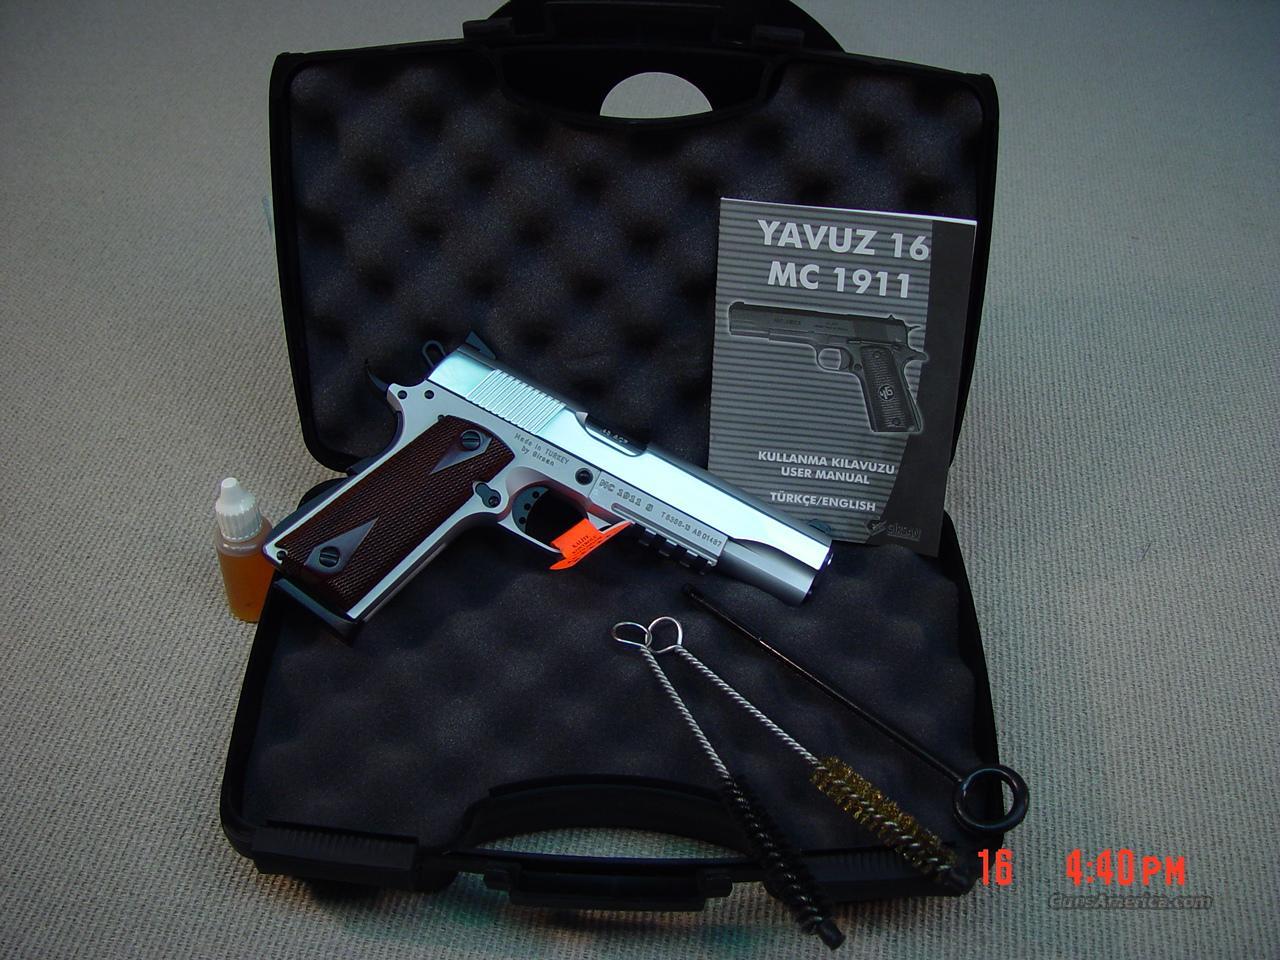 GIRSAN MC 1911 S White G2 45acp   Guns > Pistols > 1911 Pistol Copies (non-Colt)